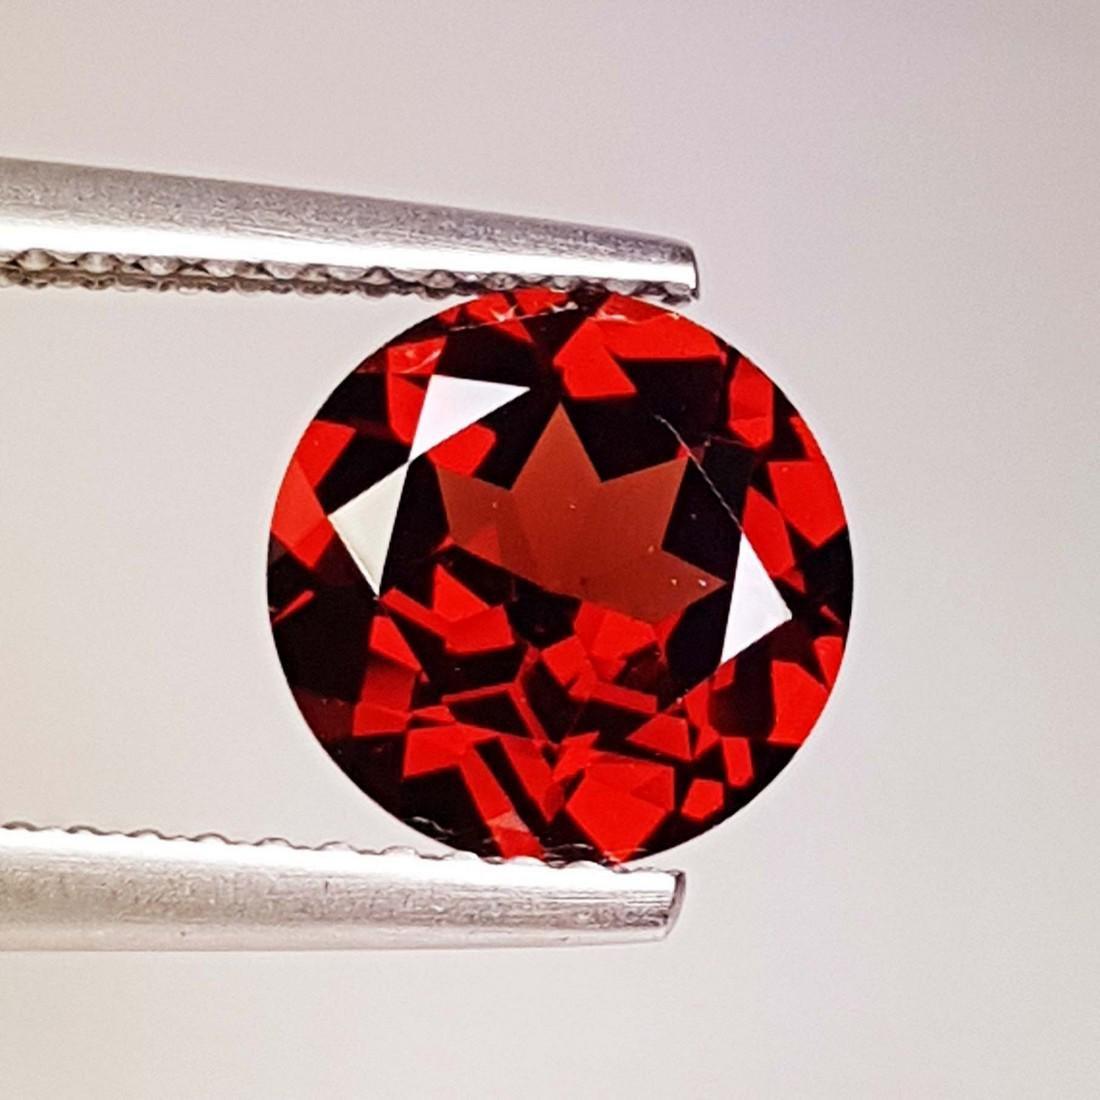 Fantastic Natural Pyrope - Almandite Red Garnet - 2.35